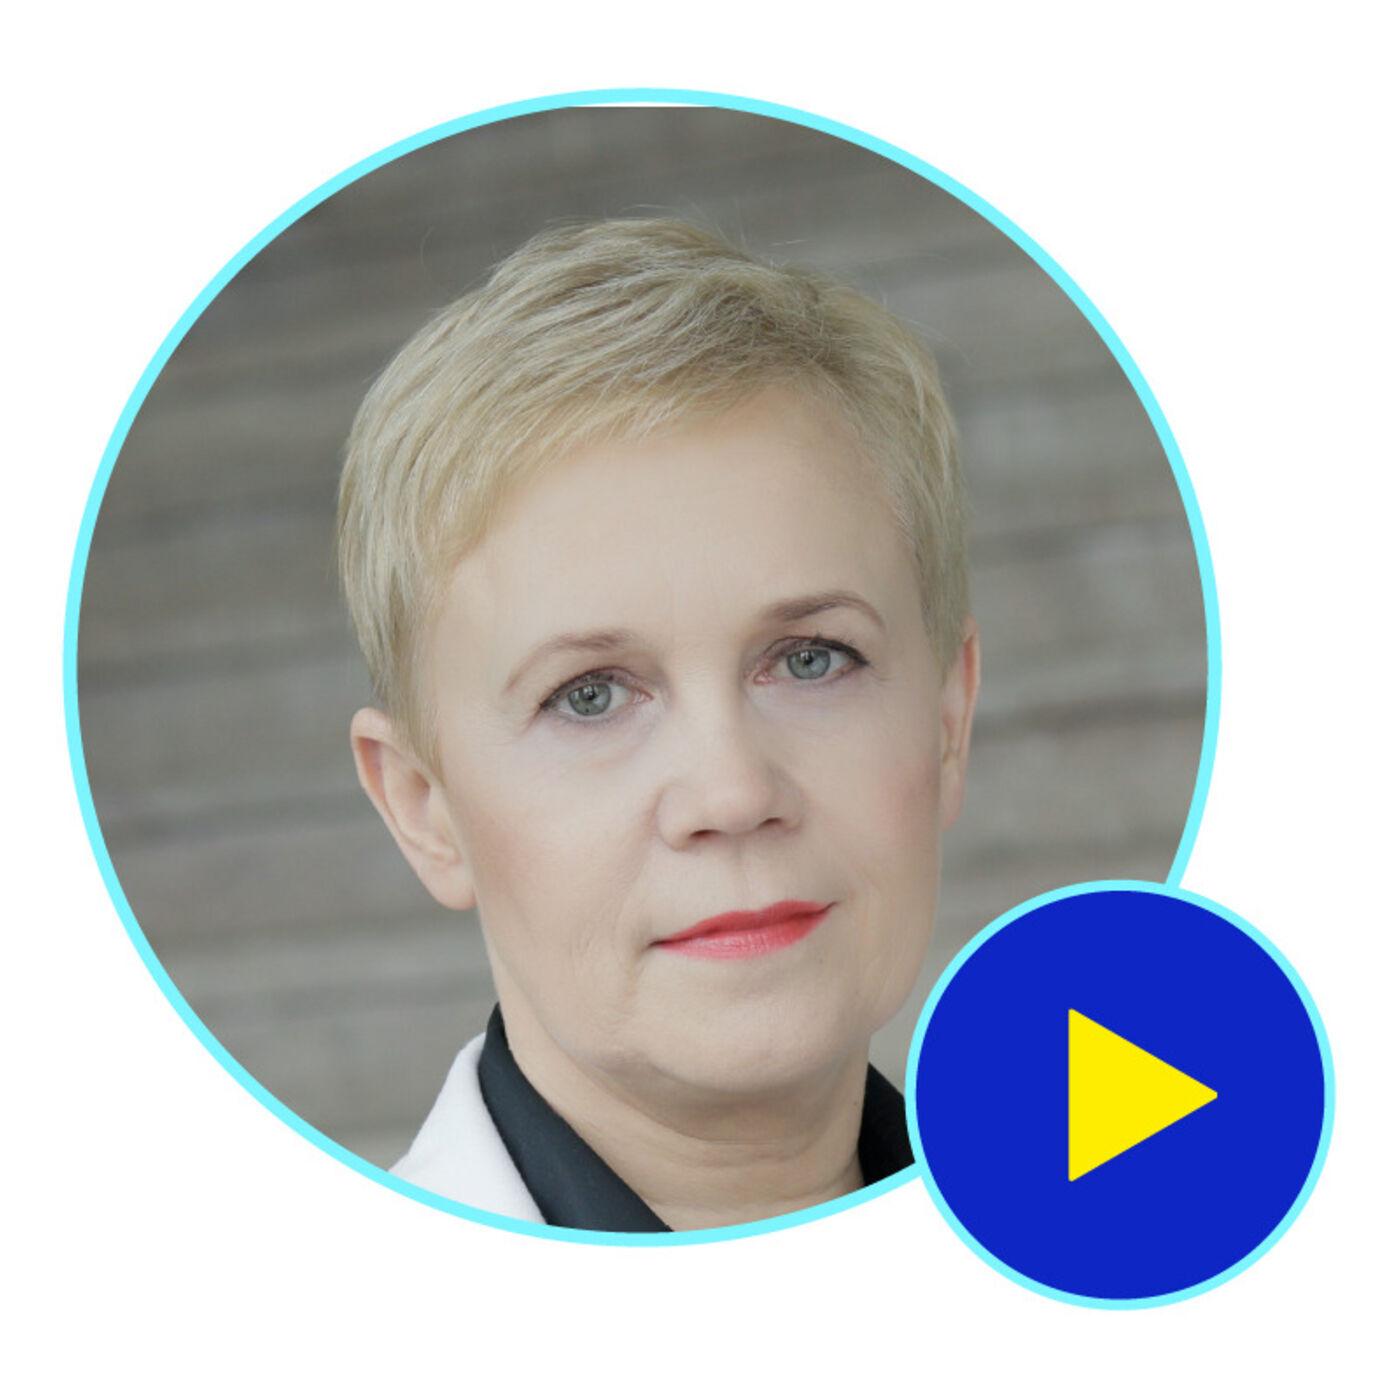 Fundusz Covid-19 sięgnie 100 mld zł? Wszystko zależy od sytuacji - gość Beata Daszyńska-Muzyczka